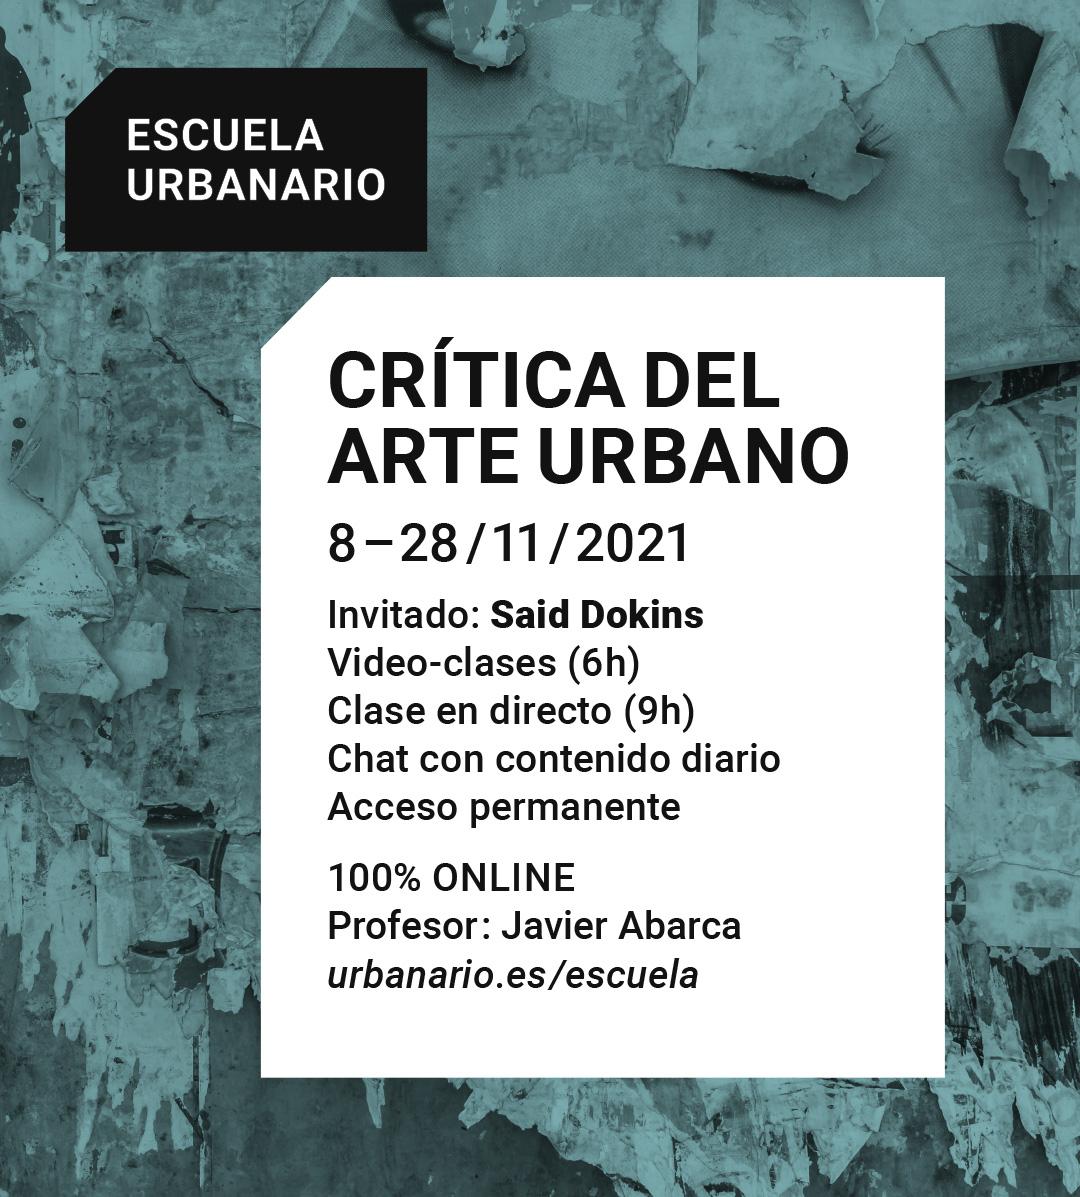 Crítica del arte urbano - Escuela Urbanario